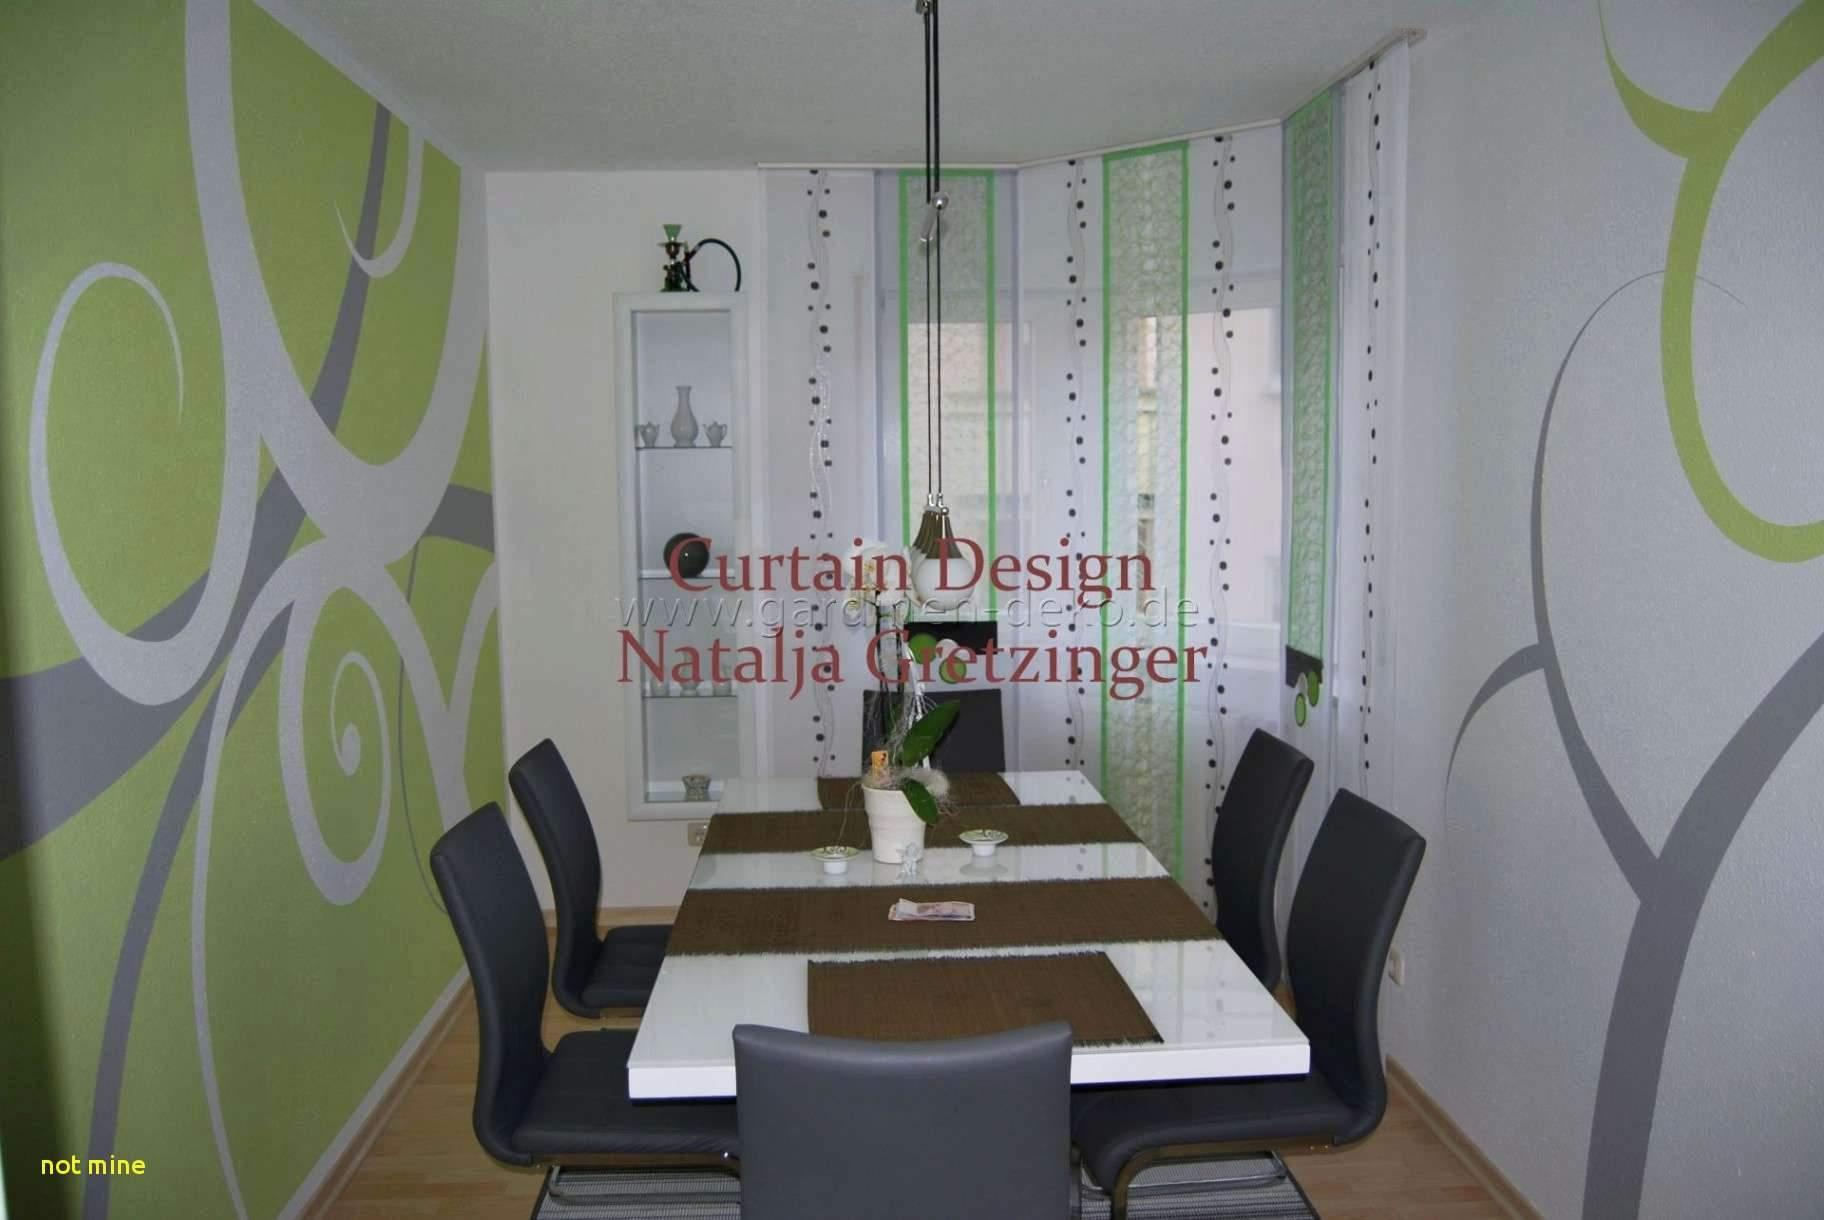 Full Size of Tapeten Ideen Wohnzimmer Schn Graue Tapete Design Die Bad Renovieren Für Küche Schlafzimmer Fototapeten Wohnzimmer Tapeten Ideen